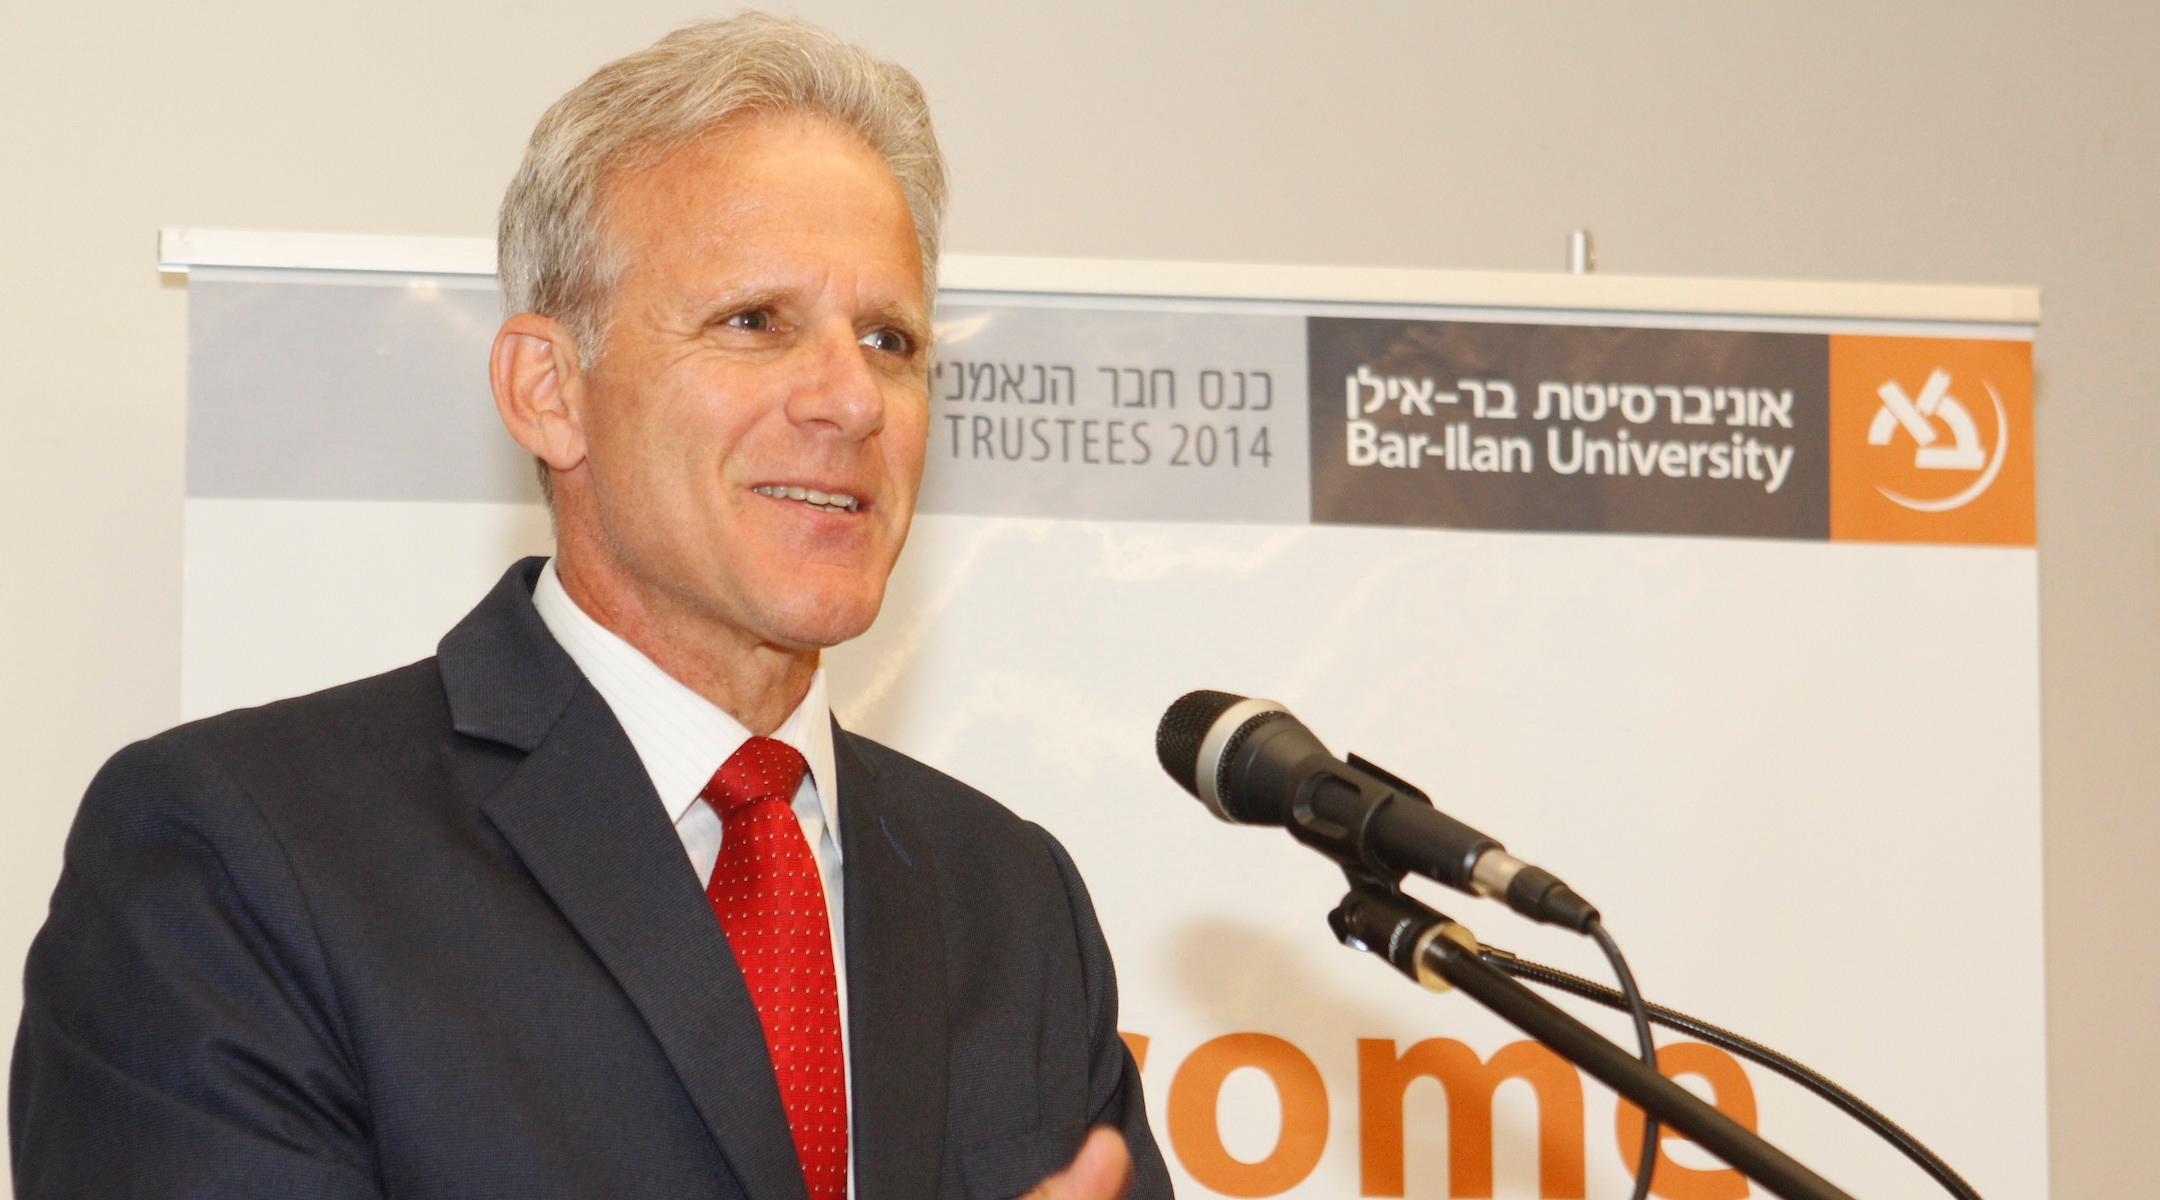 Michael Oren speaks at Bar-Ilan University in Israel in 2014. (Yoni Reif)